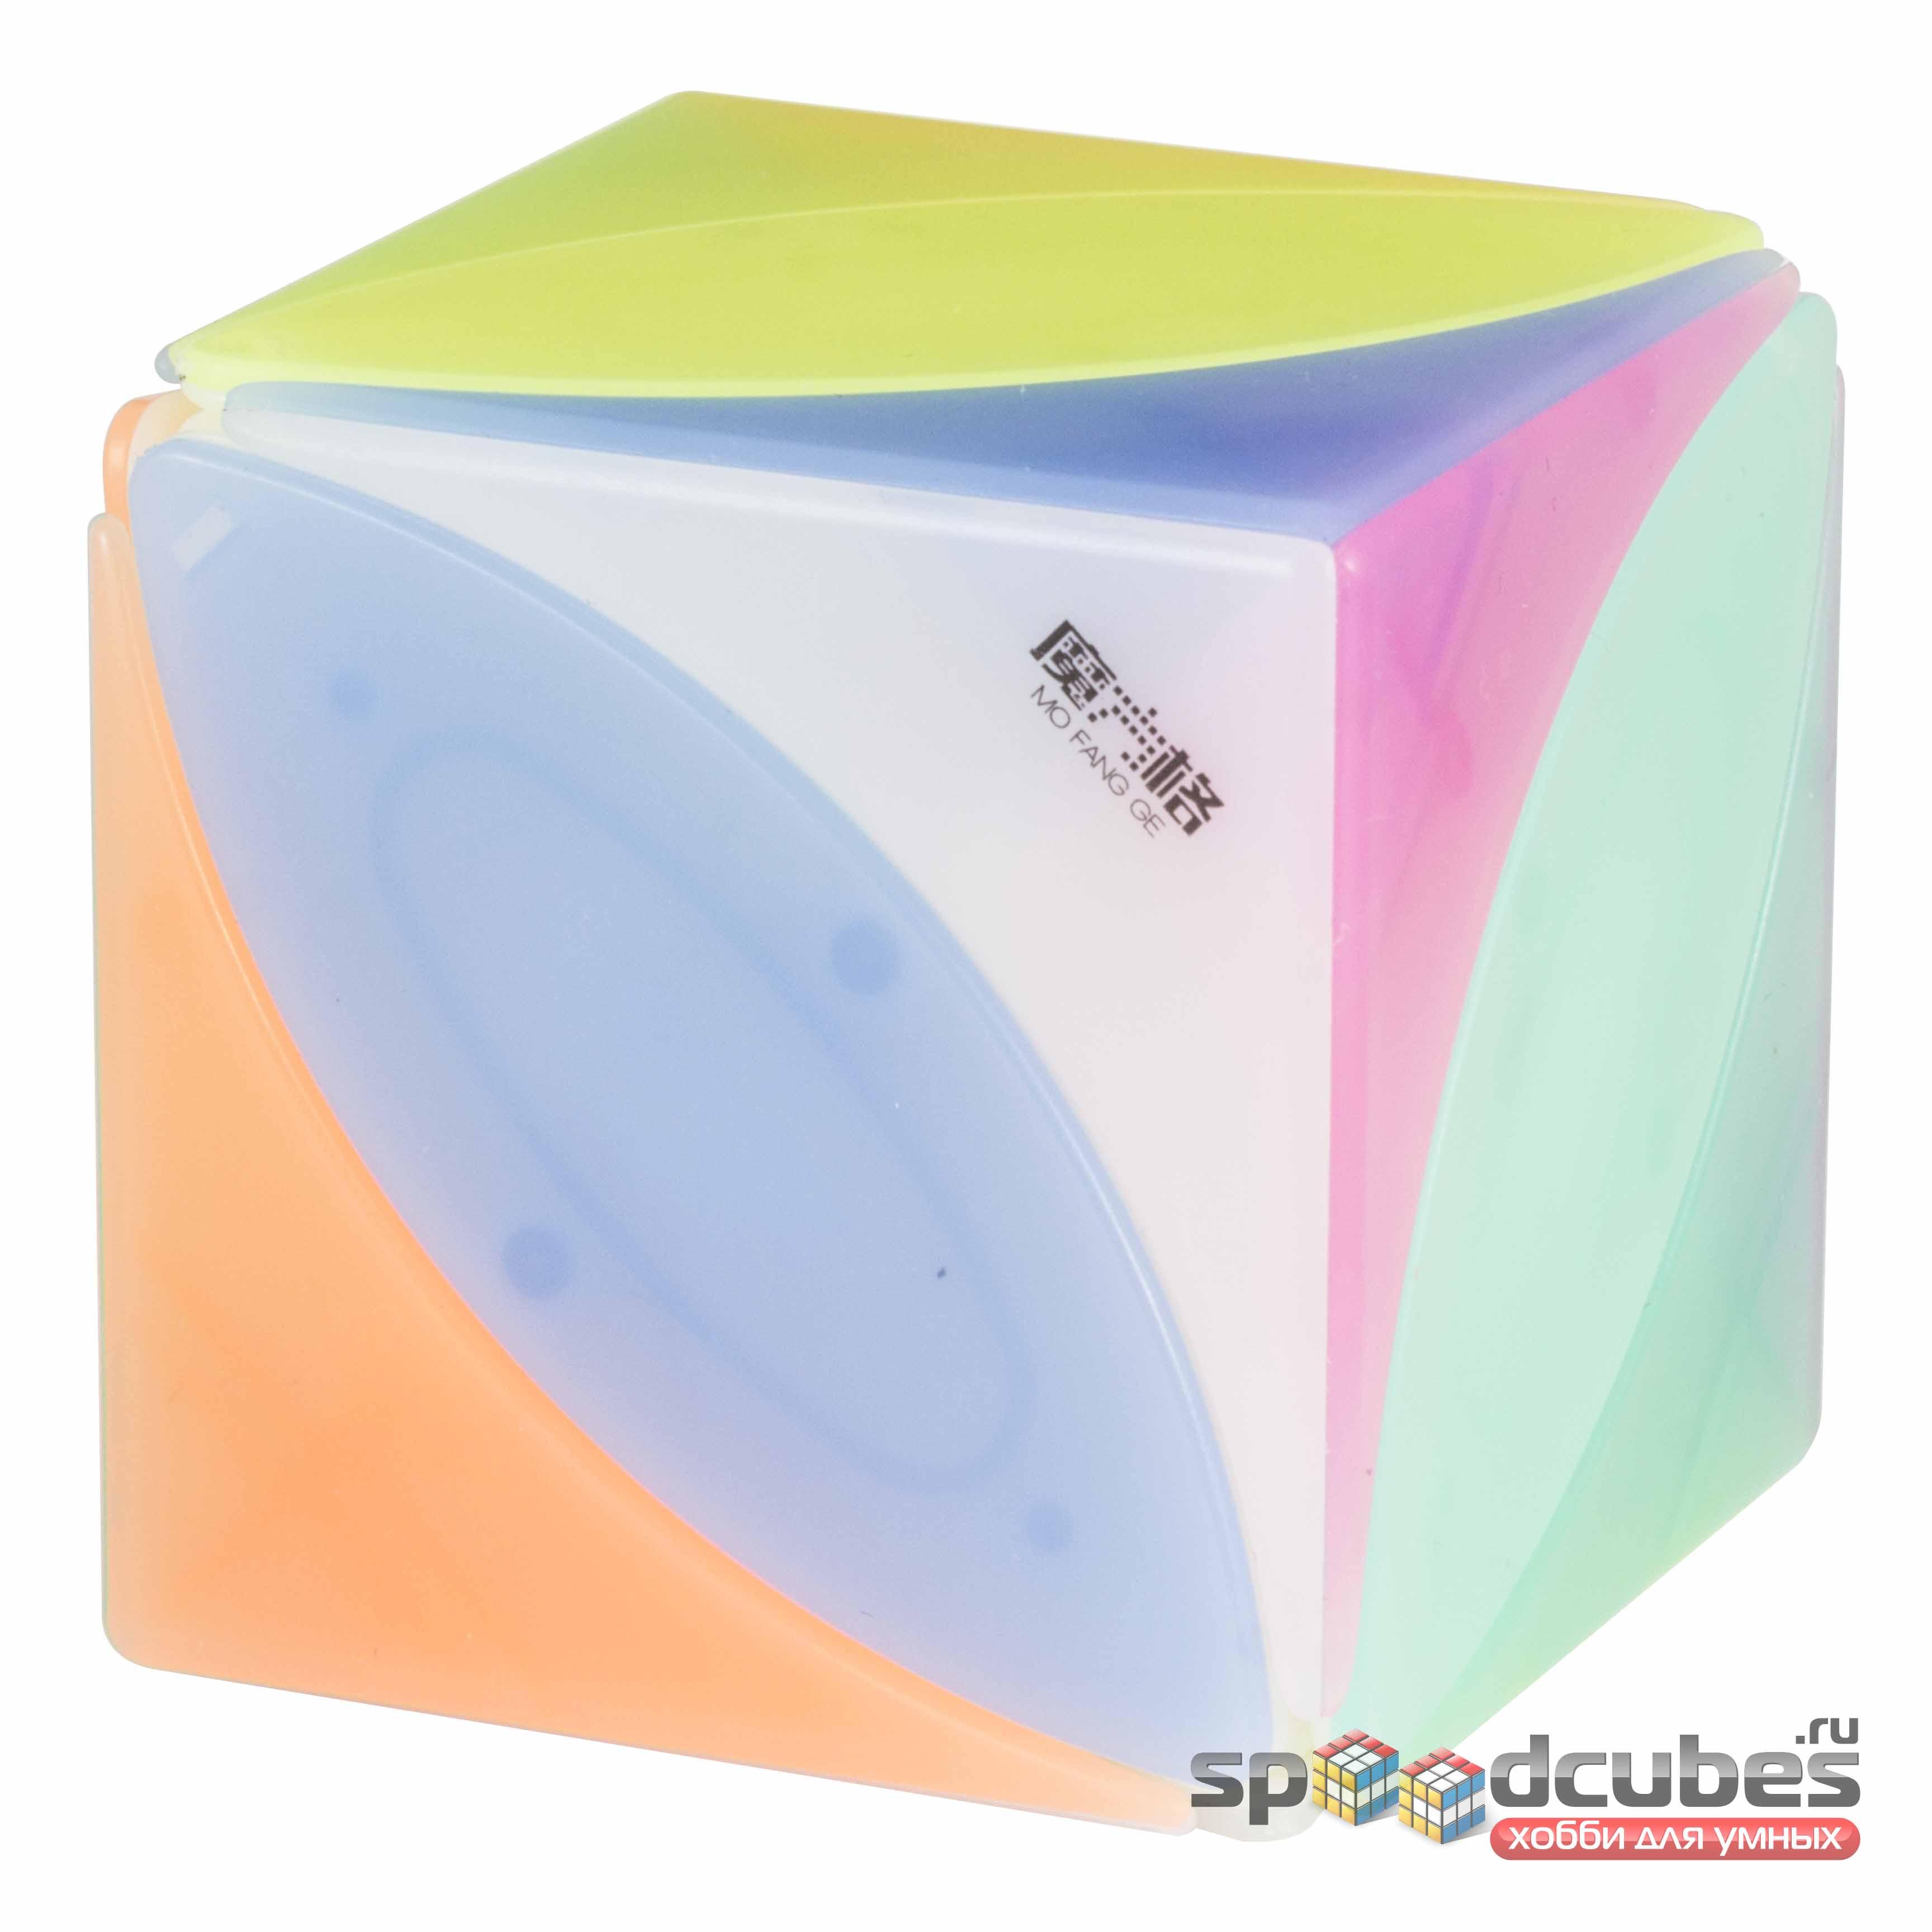 QiYi (MoFangGe) Jelly Ivy Cube 3